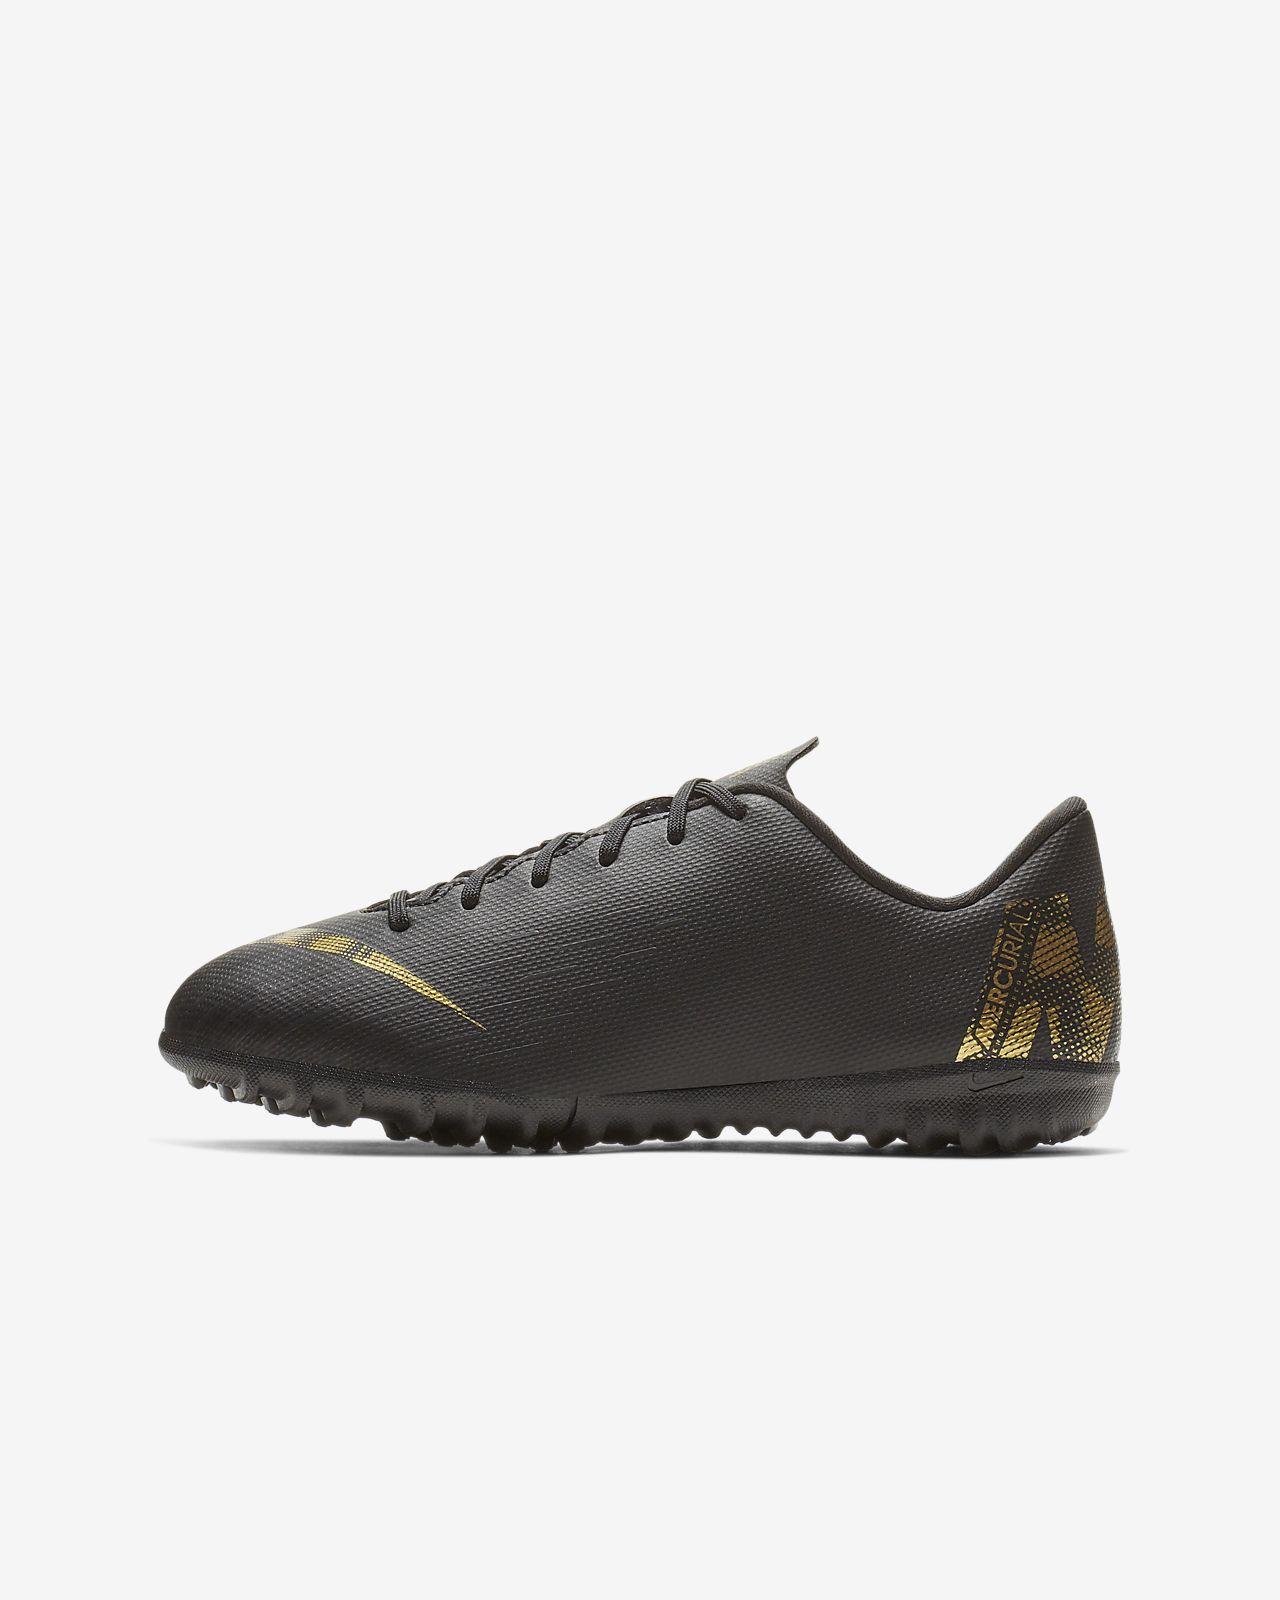 Chaussure de football pour surface synthétique Nike Jr. MercurialX Vapor XII Academy pour Jeune enfant/Enfant plus âgé